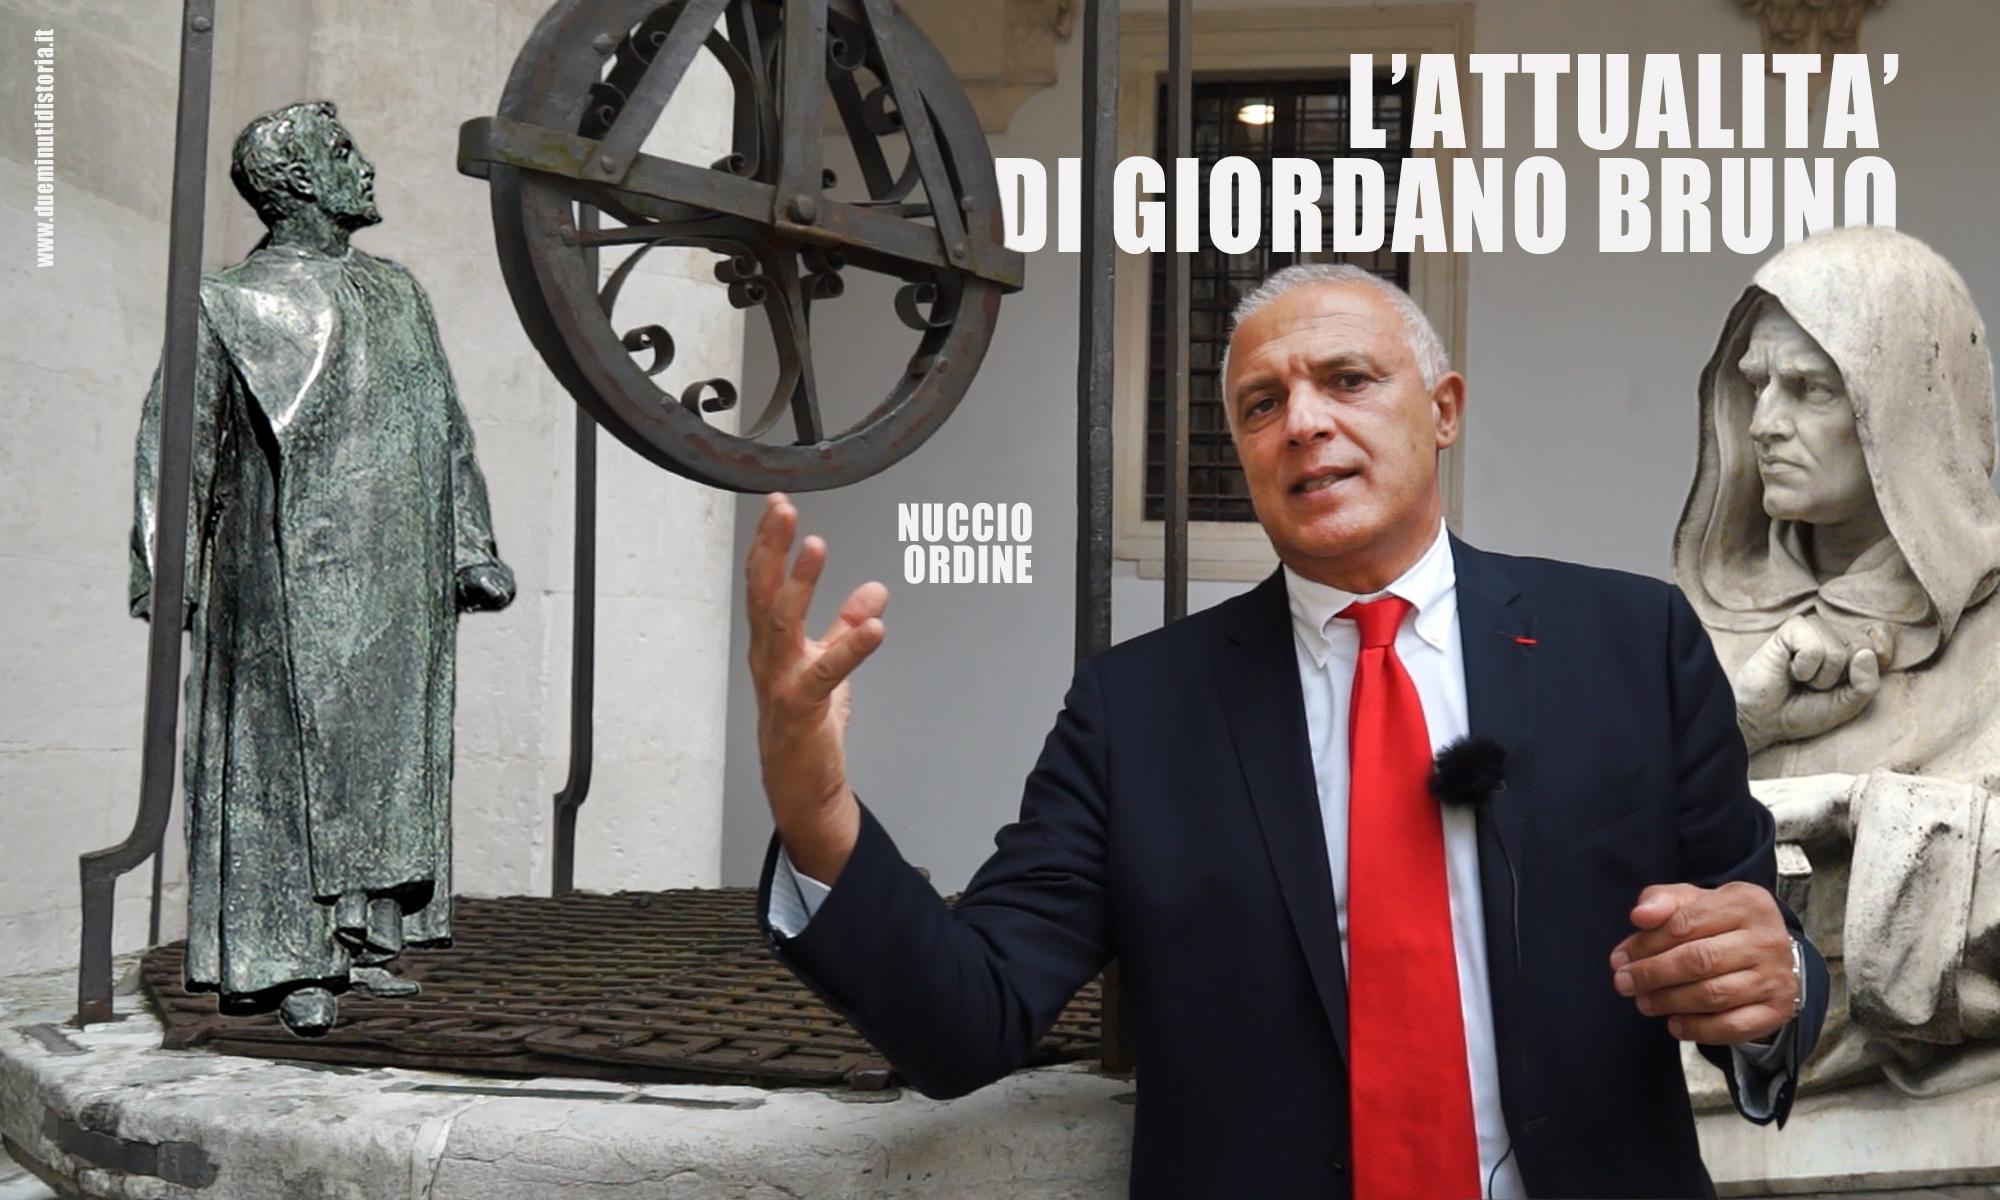 Nuccio Ordine: «L'attualità di Giordano Bruno»